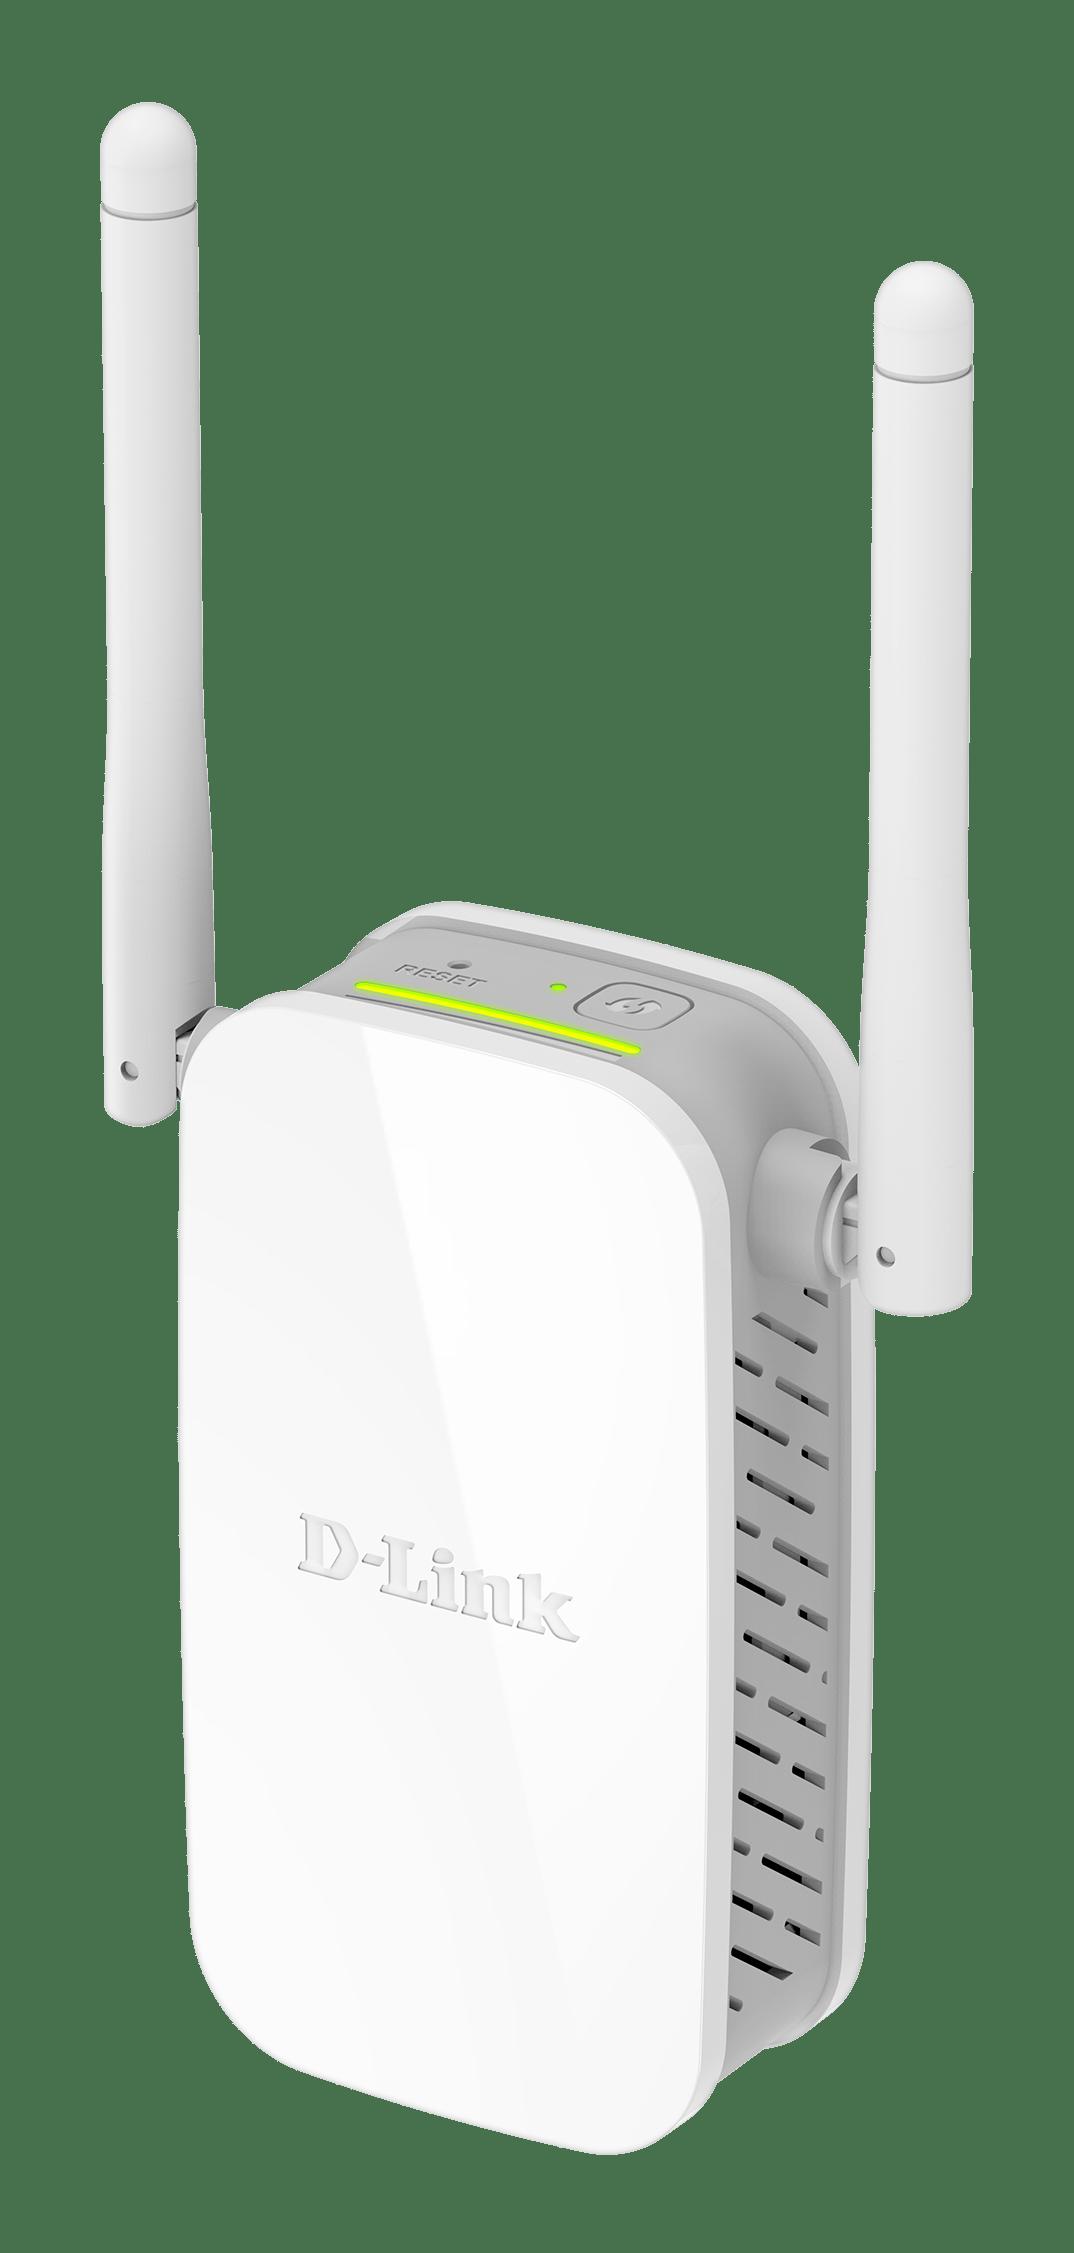 DAP 1325 Repetidor Wireless MESH 802.11k/v 300Mbps